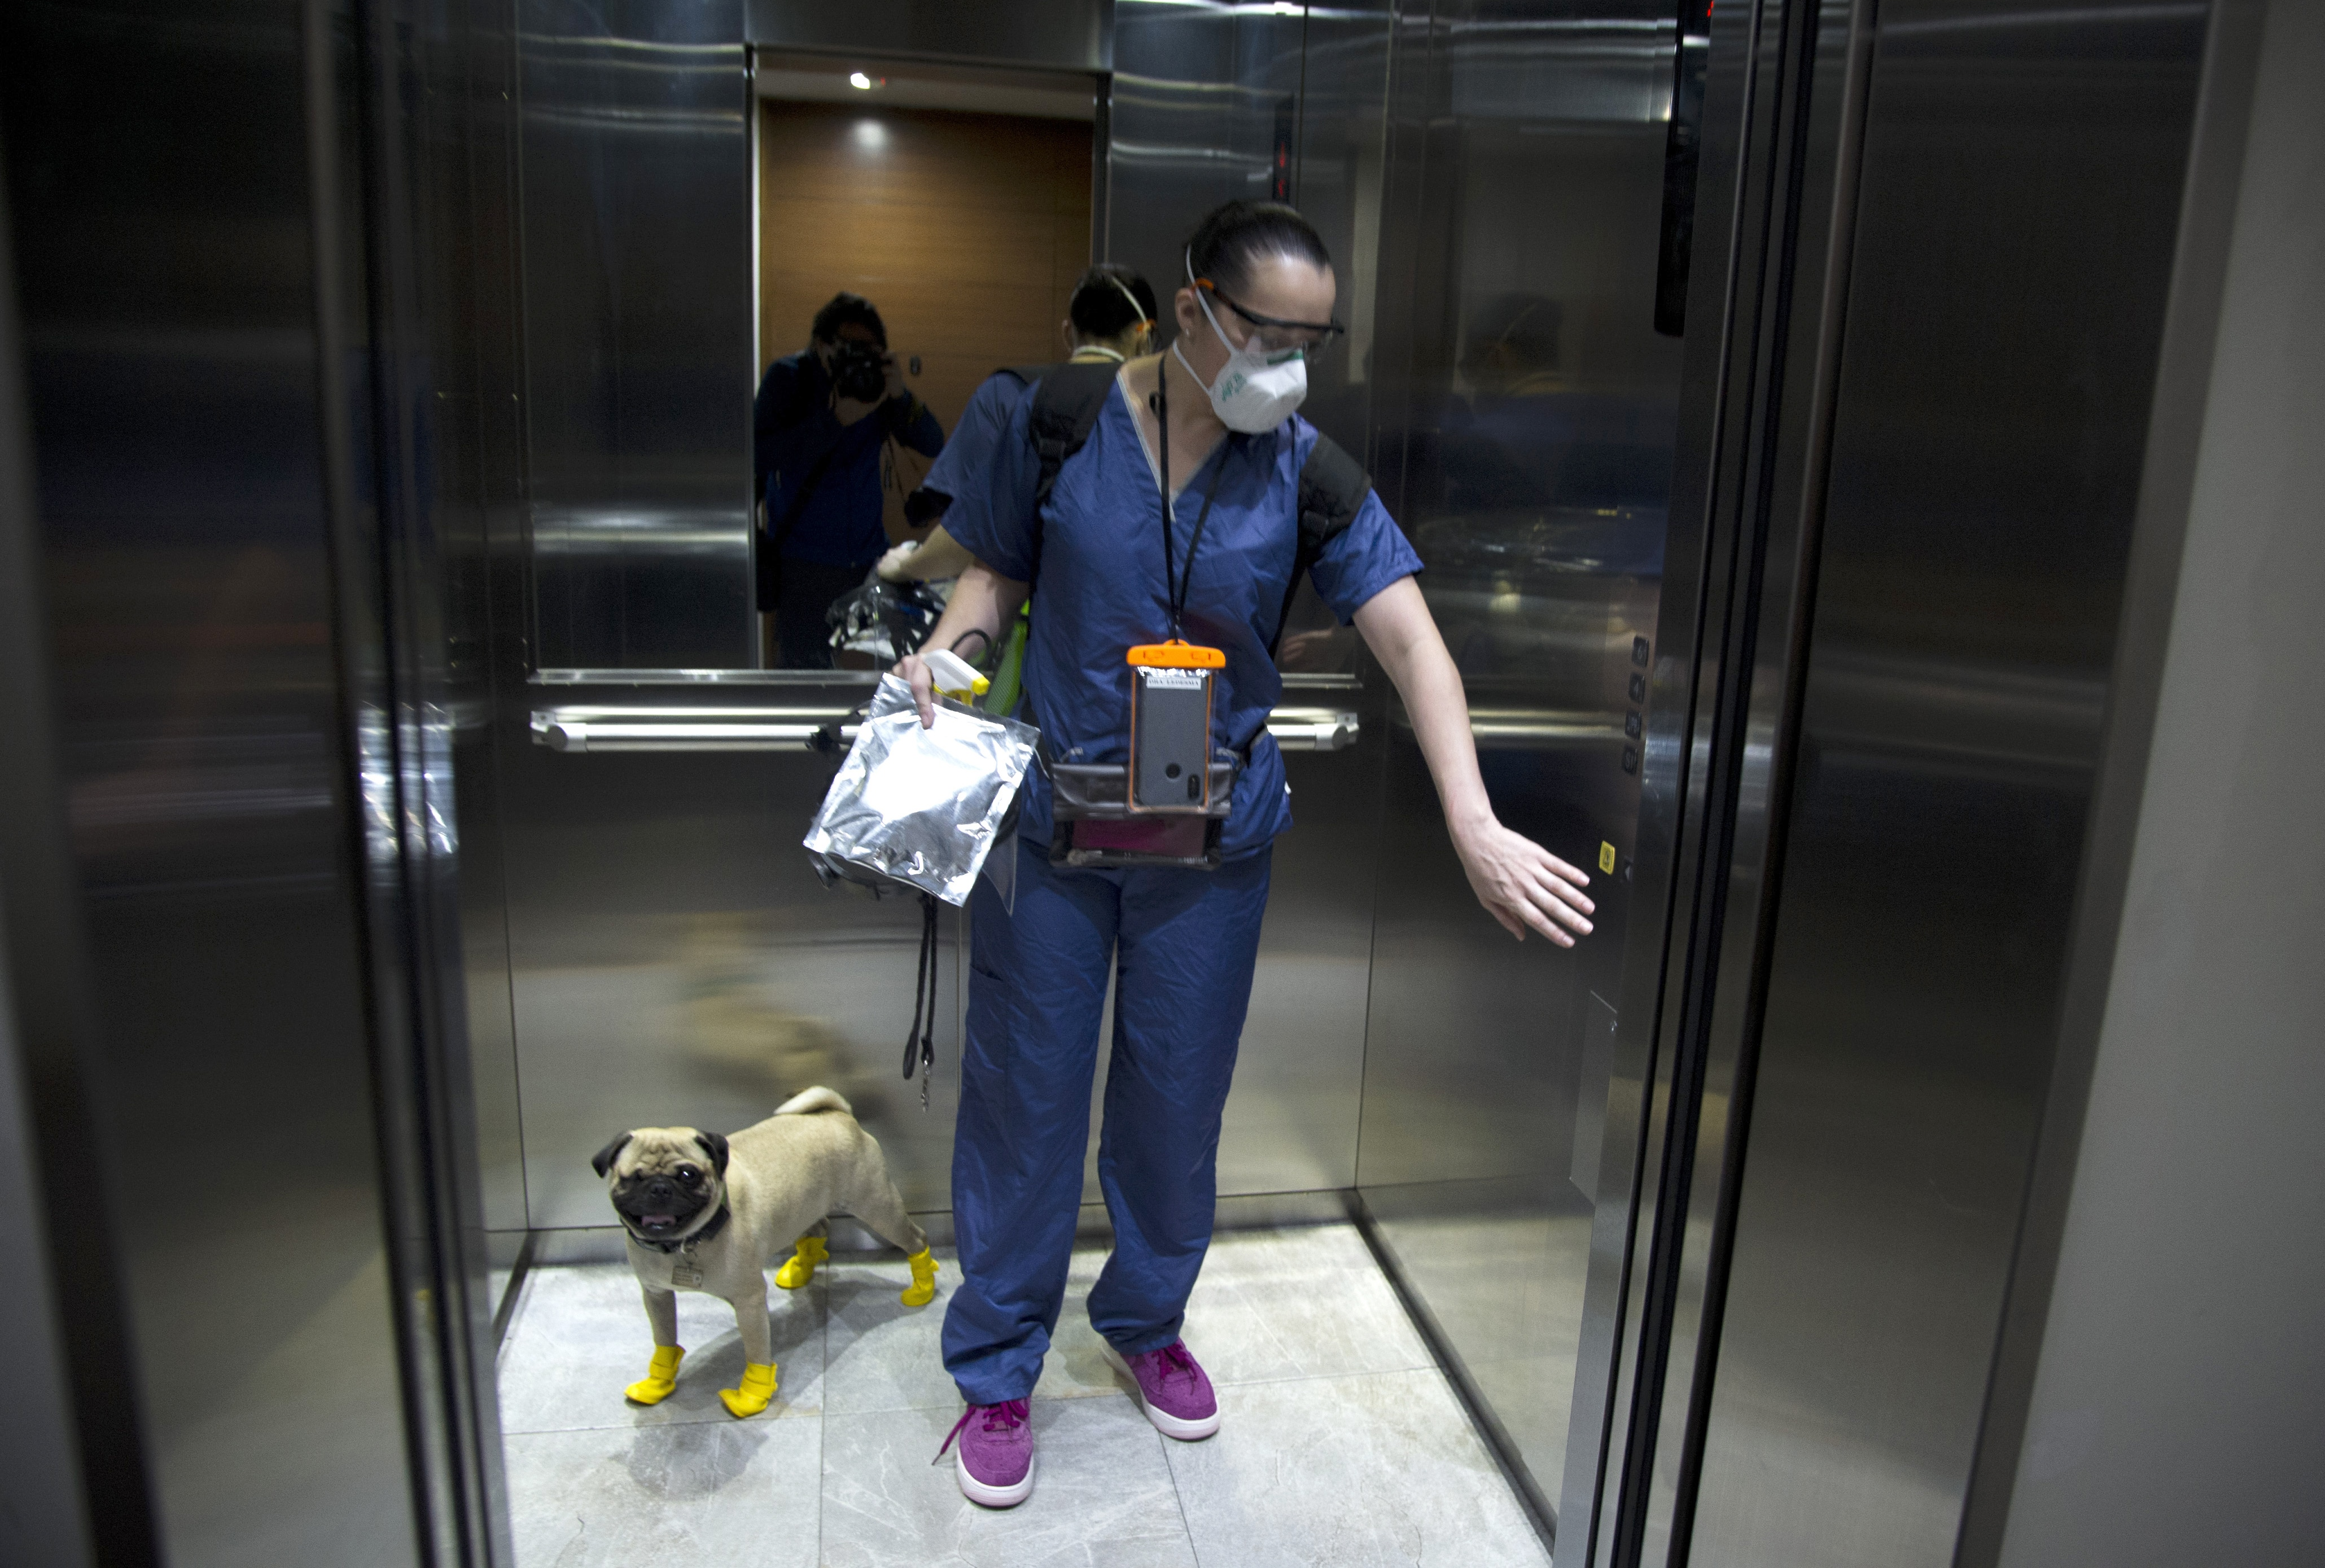 La psicóloga y neuropsicóloga Lucia Ledesma Torres y su perro Harley, también conocido como El Tuerto, usan un ascensor en la Ciudad de México. (Foto: Claudio Cruz/AFP)